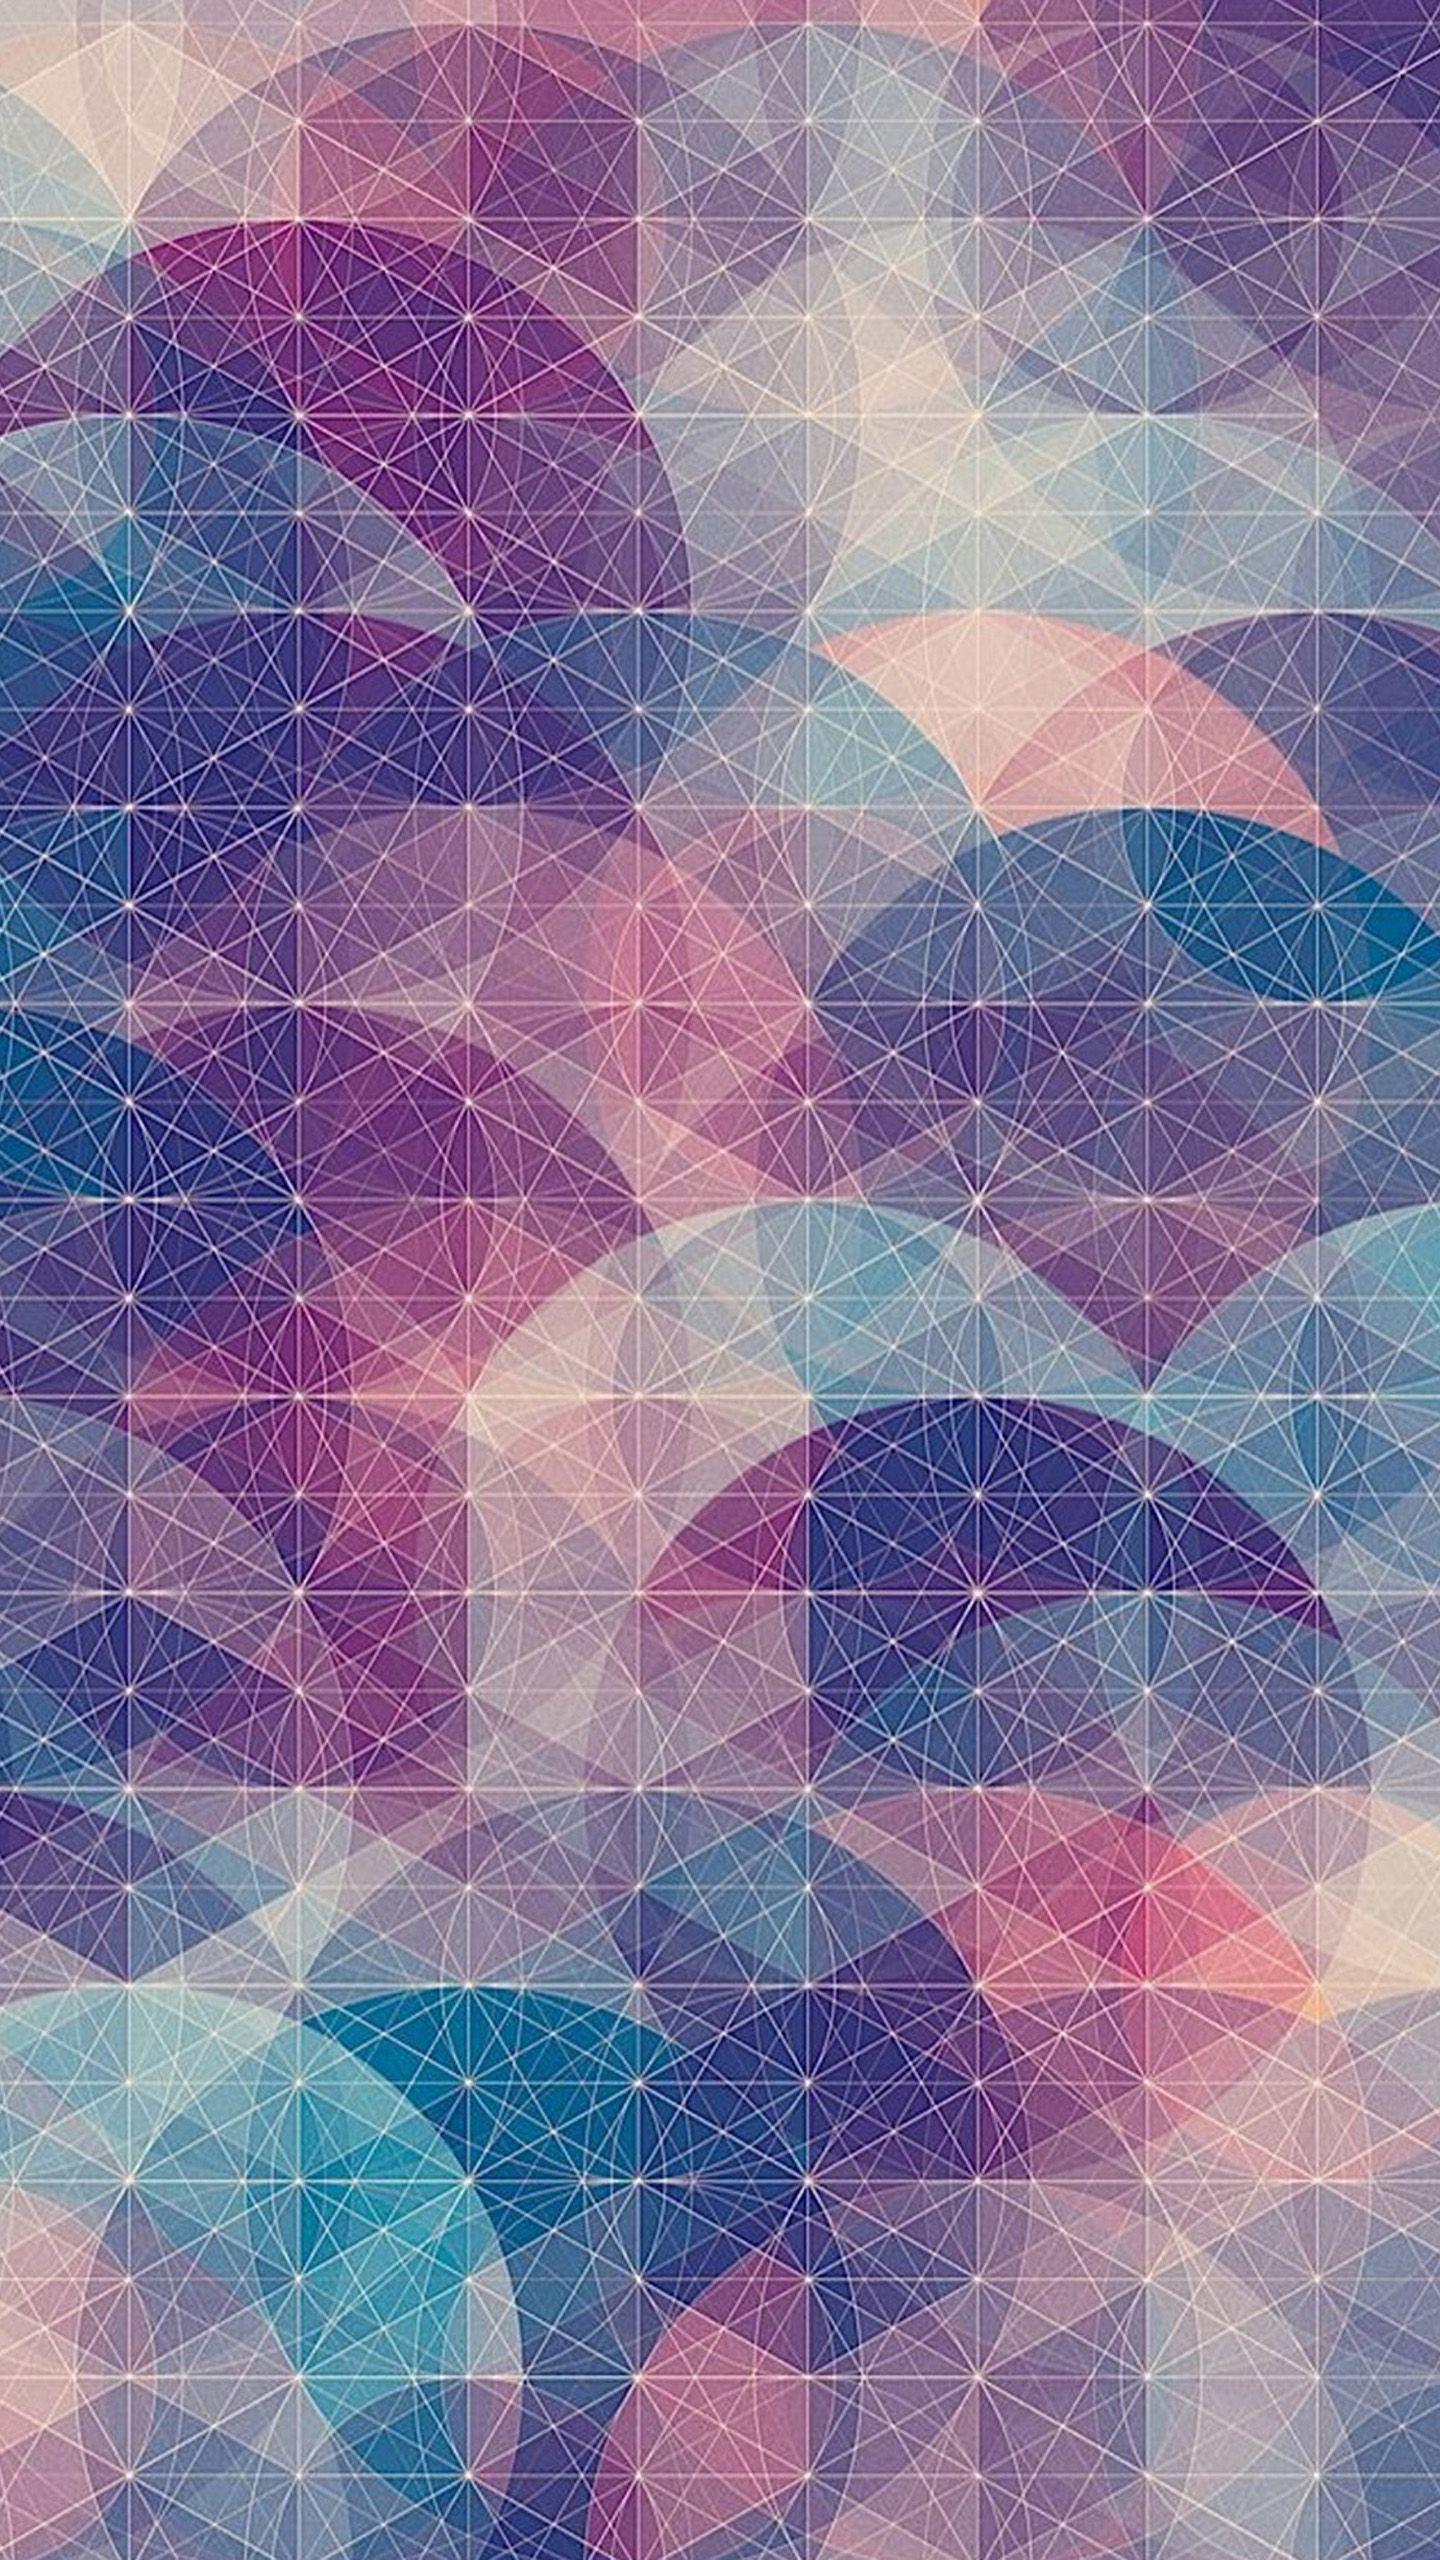 Great Wallpaper Home Screen Artsy - f15de68836aa0aa6db9450cfb5d43dce  Gallery_58212.jpg